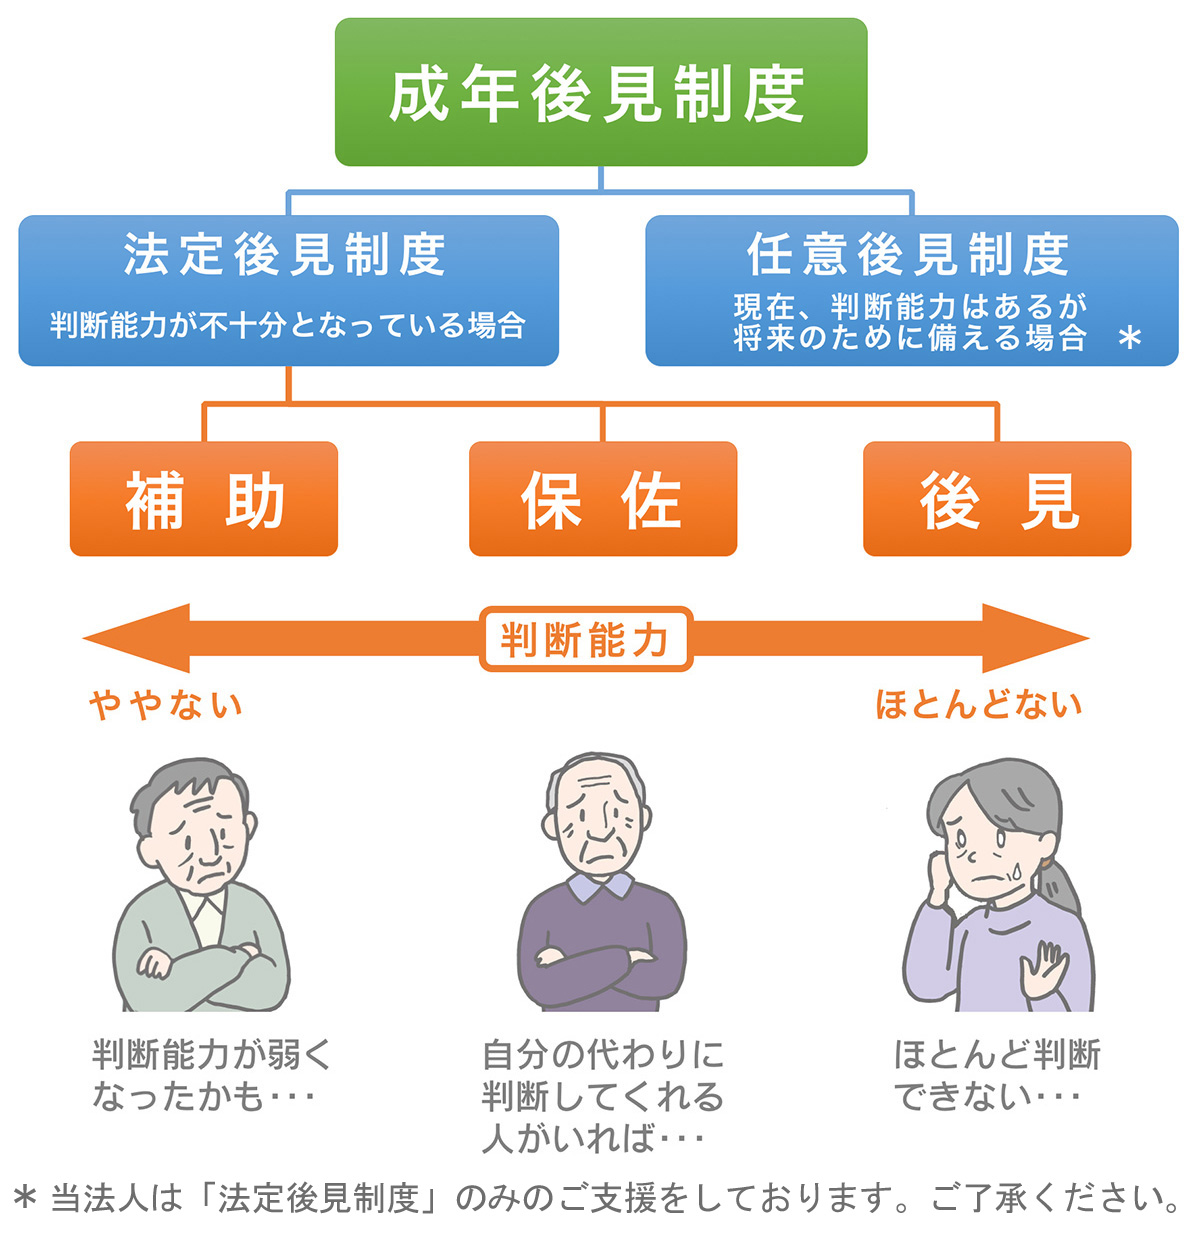 MODAMA_SHIKUMI_160123rev01